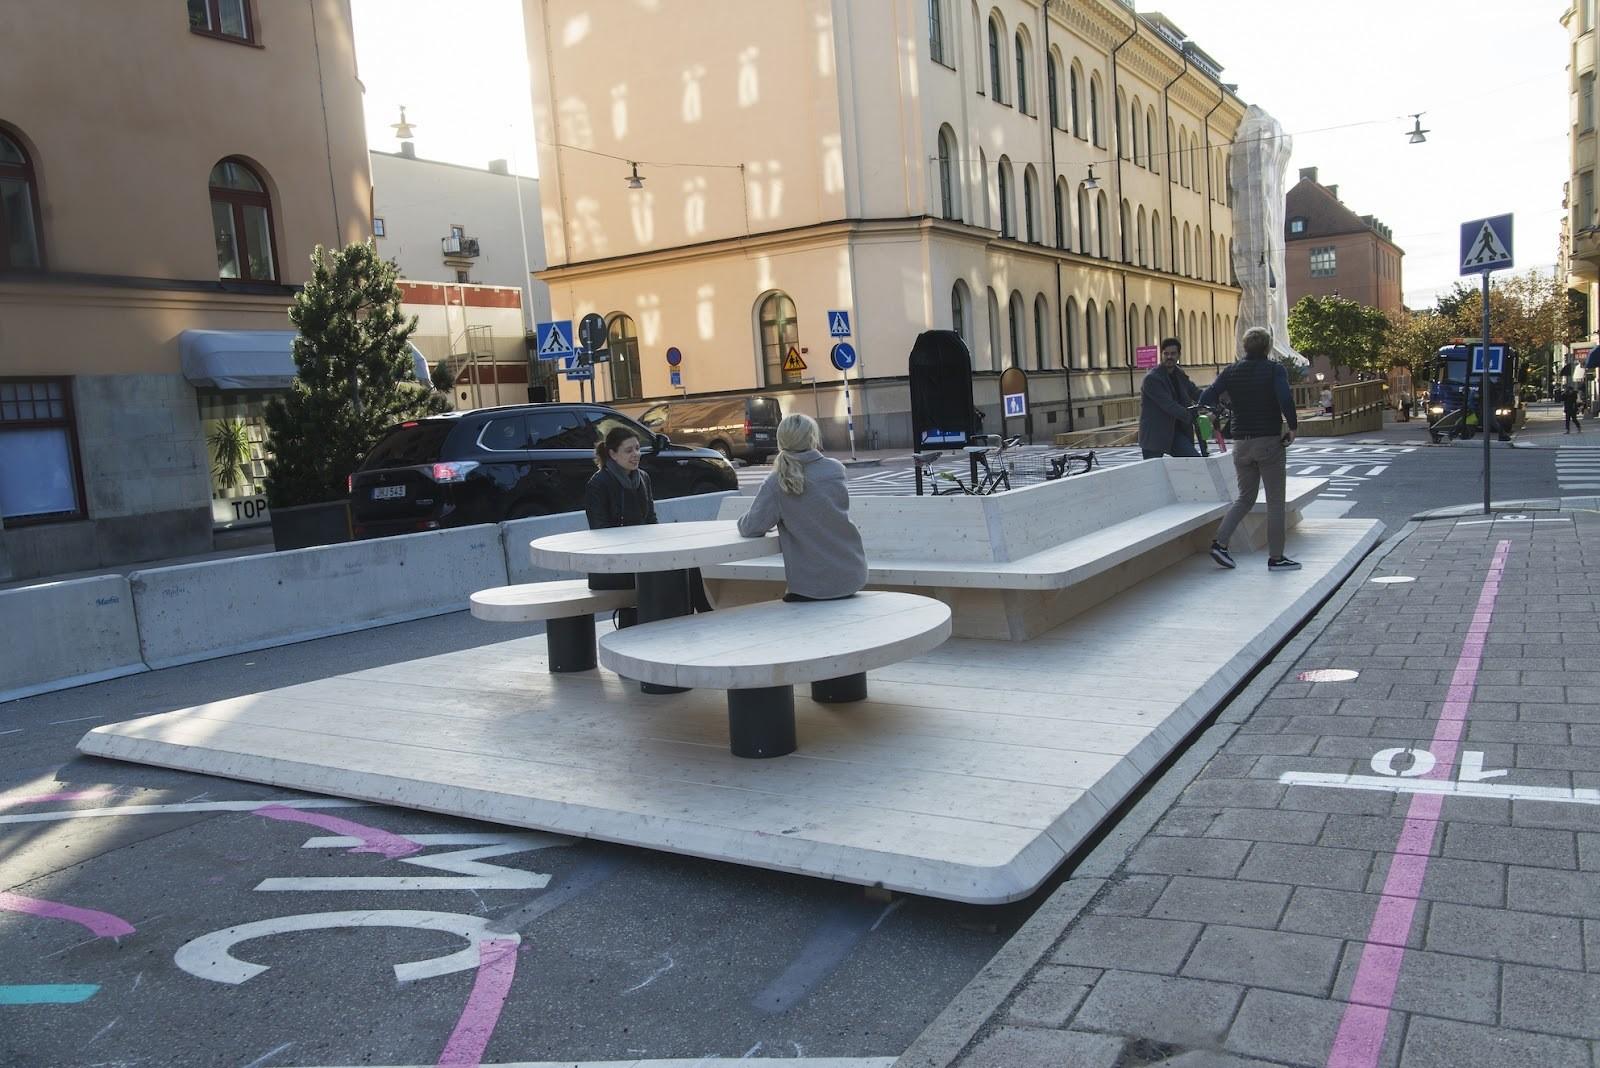 image de plusieurs places de parking à Stockholm qui ont été converties en espace de réunion